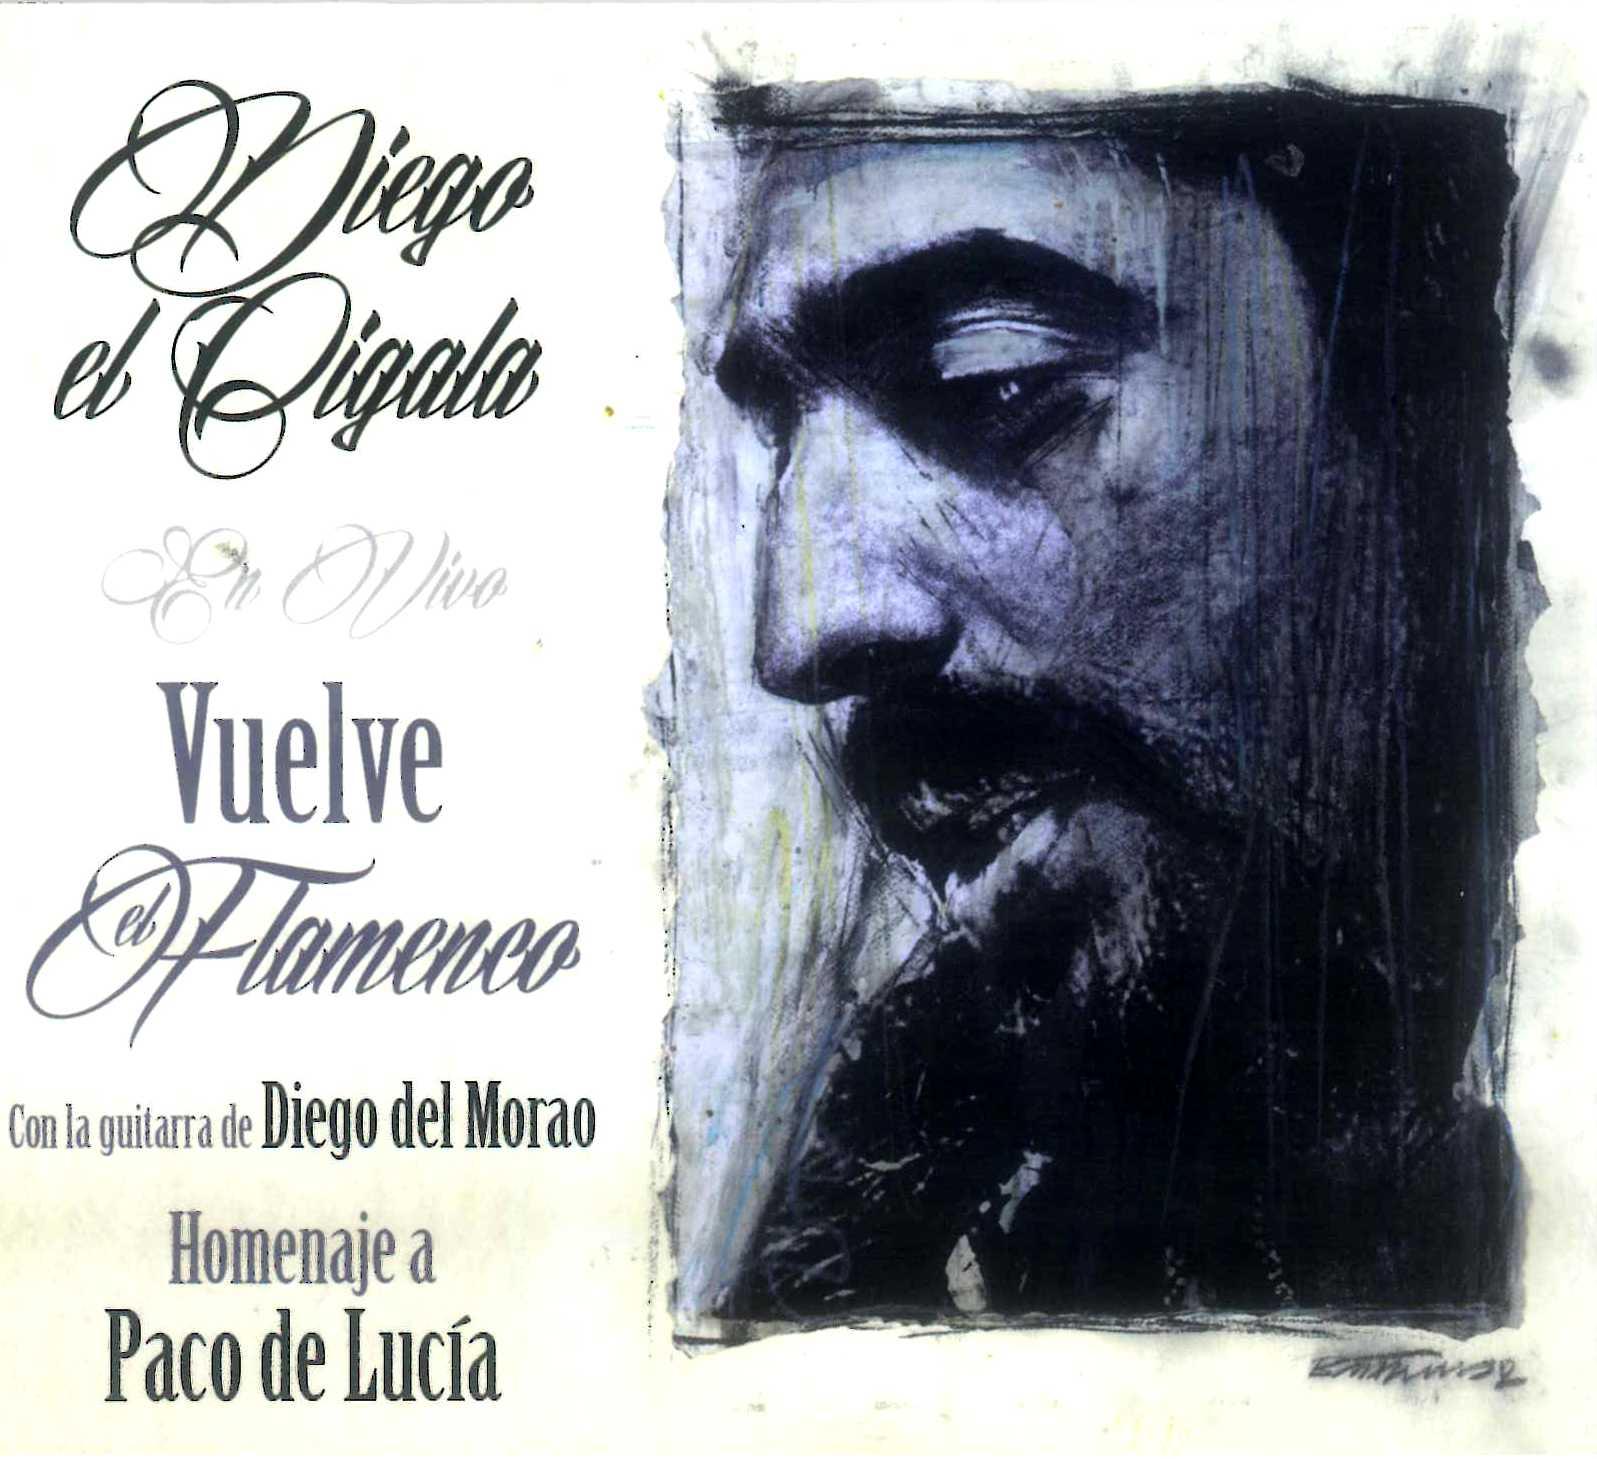 En vivo: Vuelve el flamenco (Homenaje a Paco de Lucía)